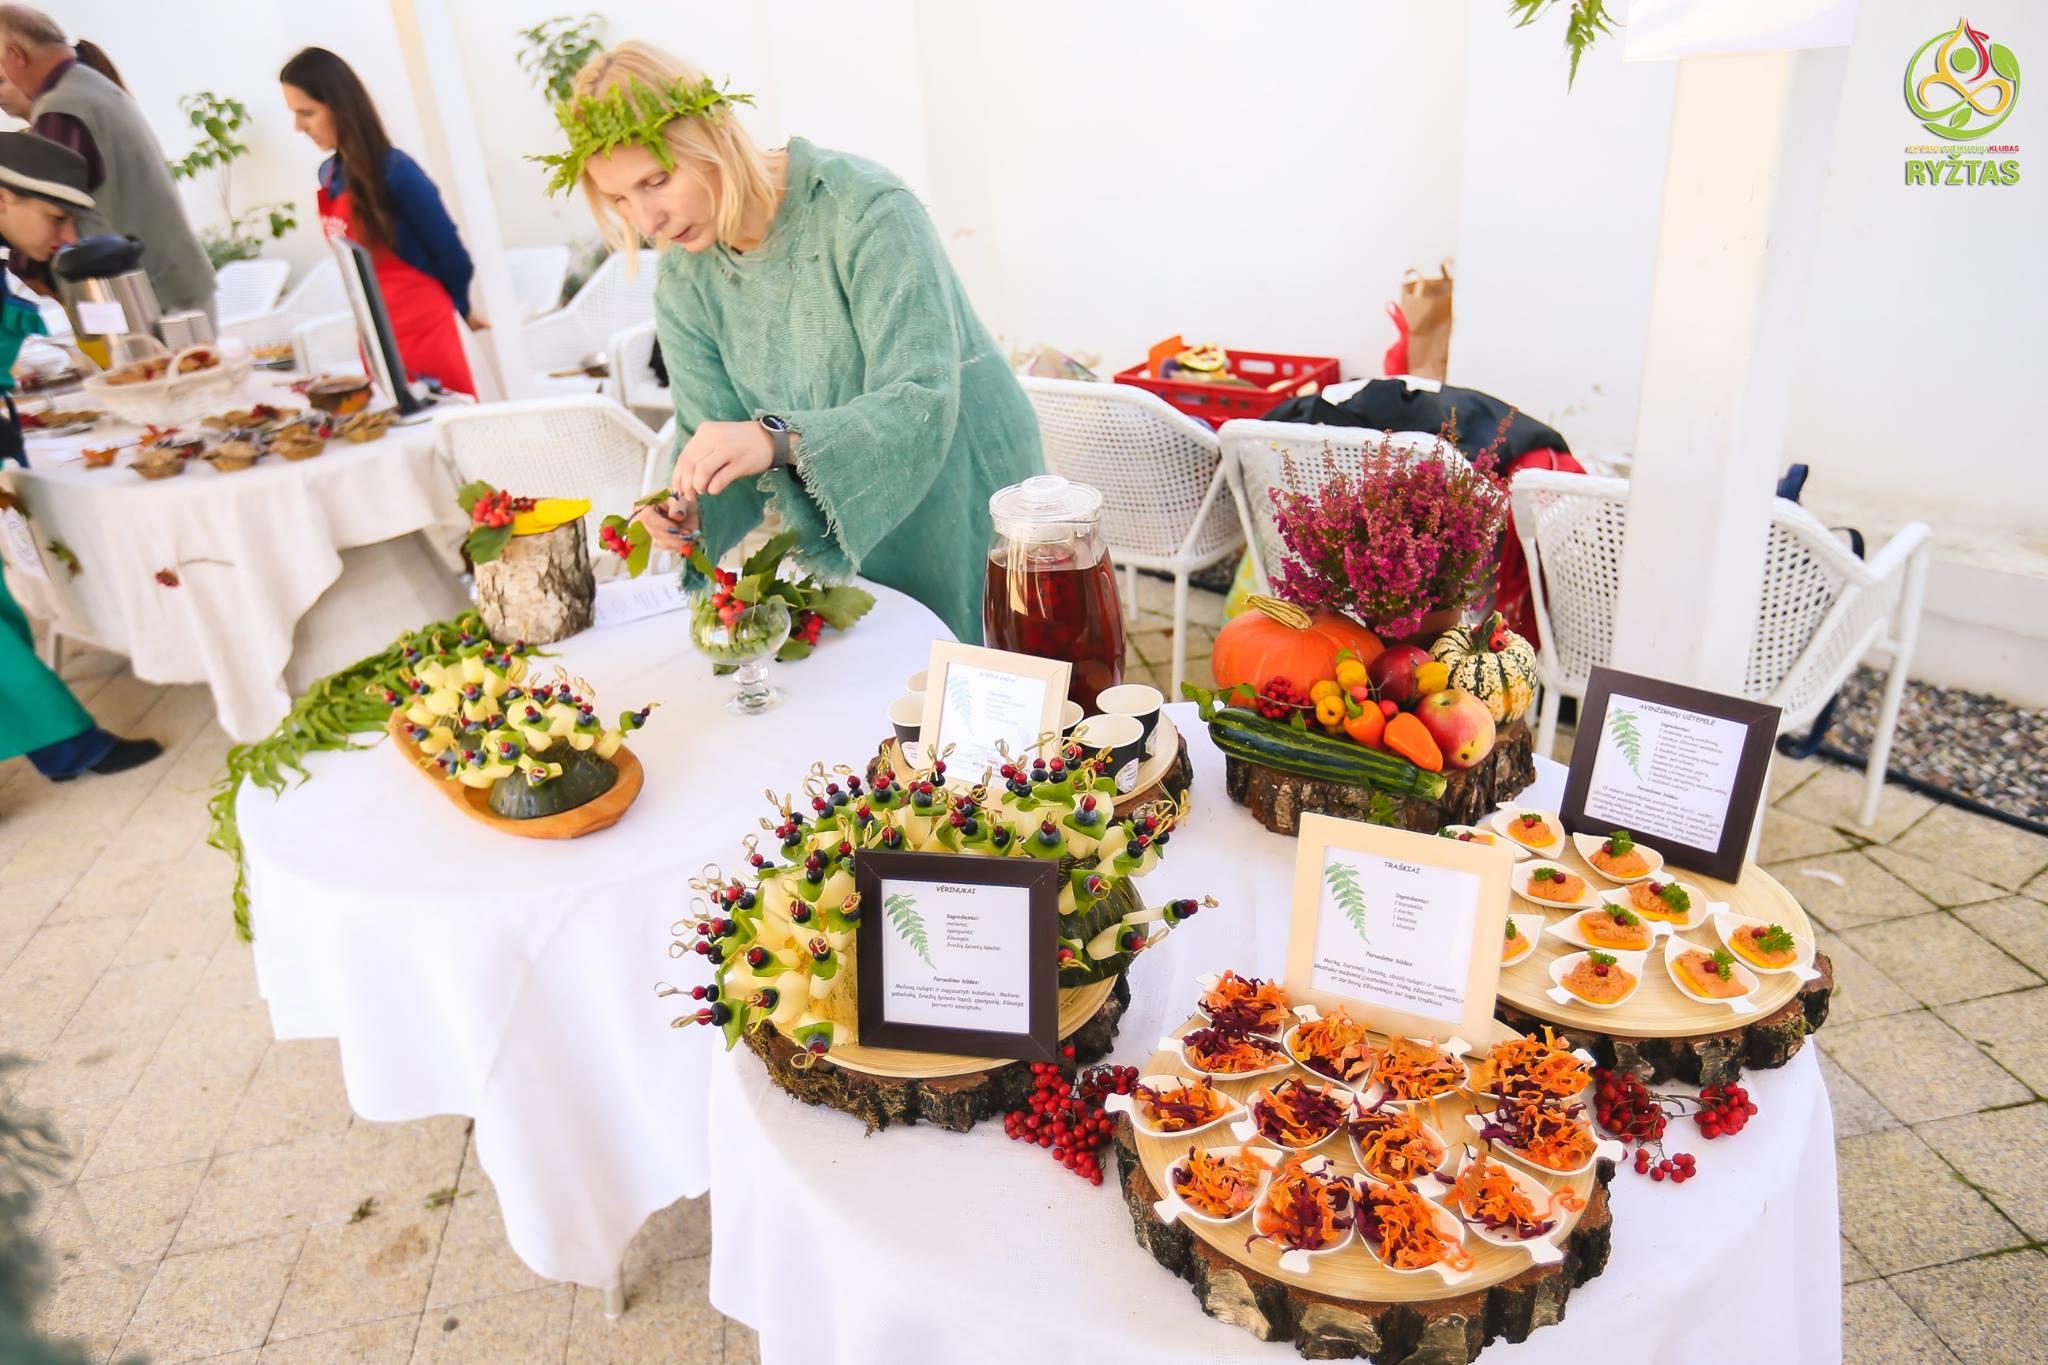 """Vilniuje vyksianti """"Sveiko maisto šventė"""" kviečia registruotis dalyvių komandas   sveikuoliai.lt nuotr."""